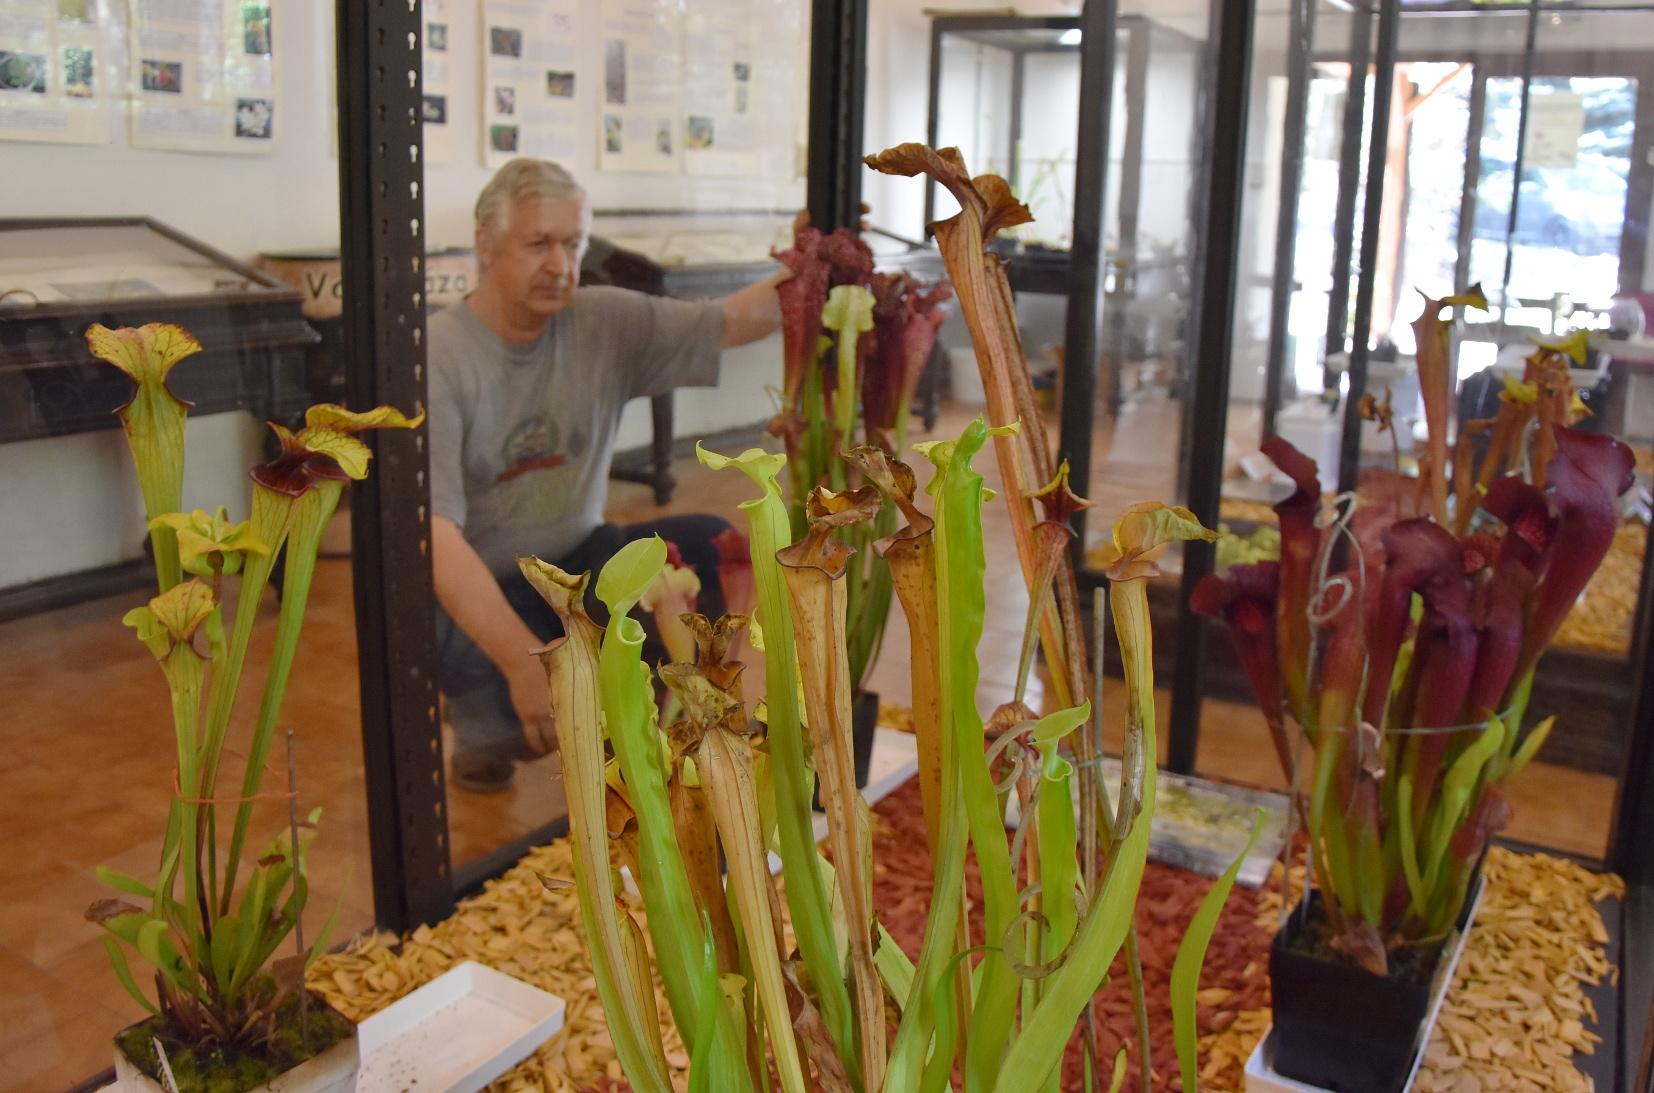 Všechny vystavené květiny pocházejí od místních pěstitelů manželů Srbových. Na snímku Ivan Srba u expozice špirlic.  Foto Josef Dušek